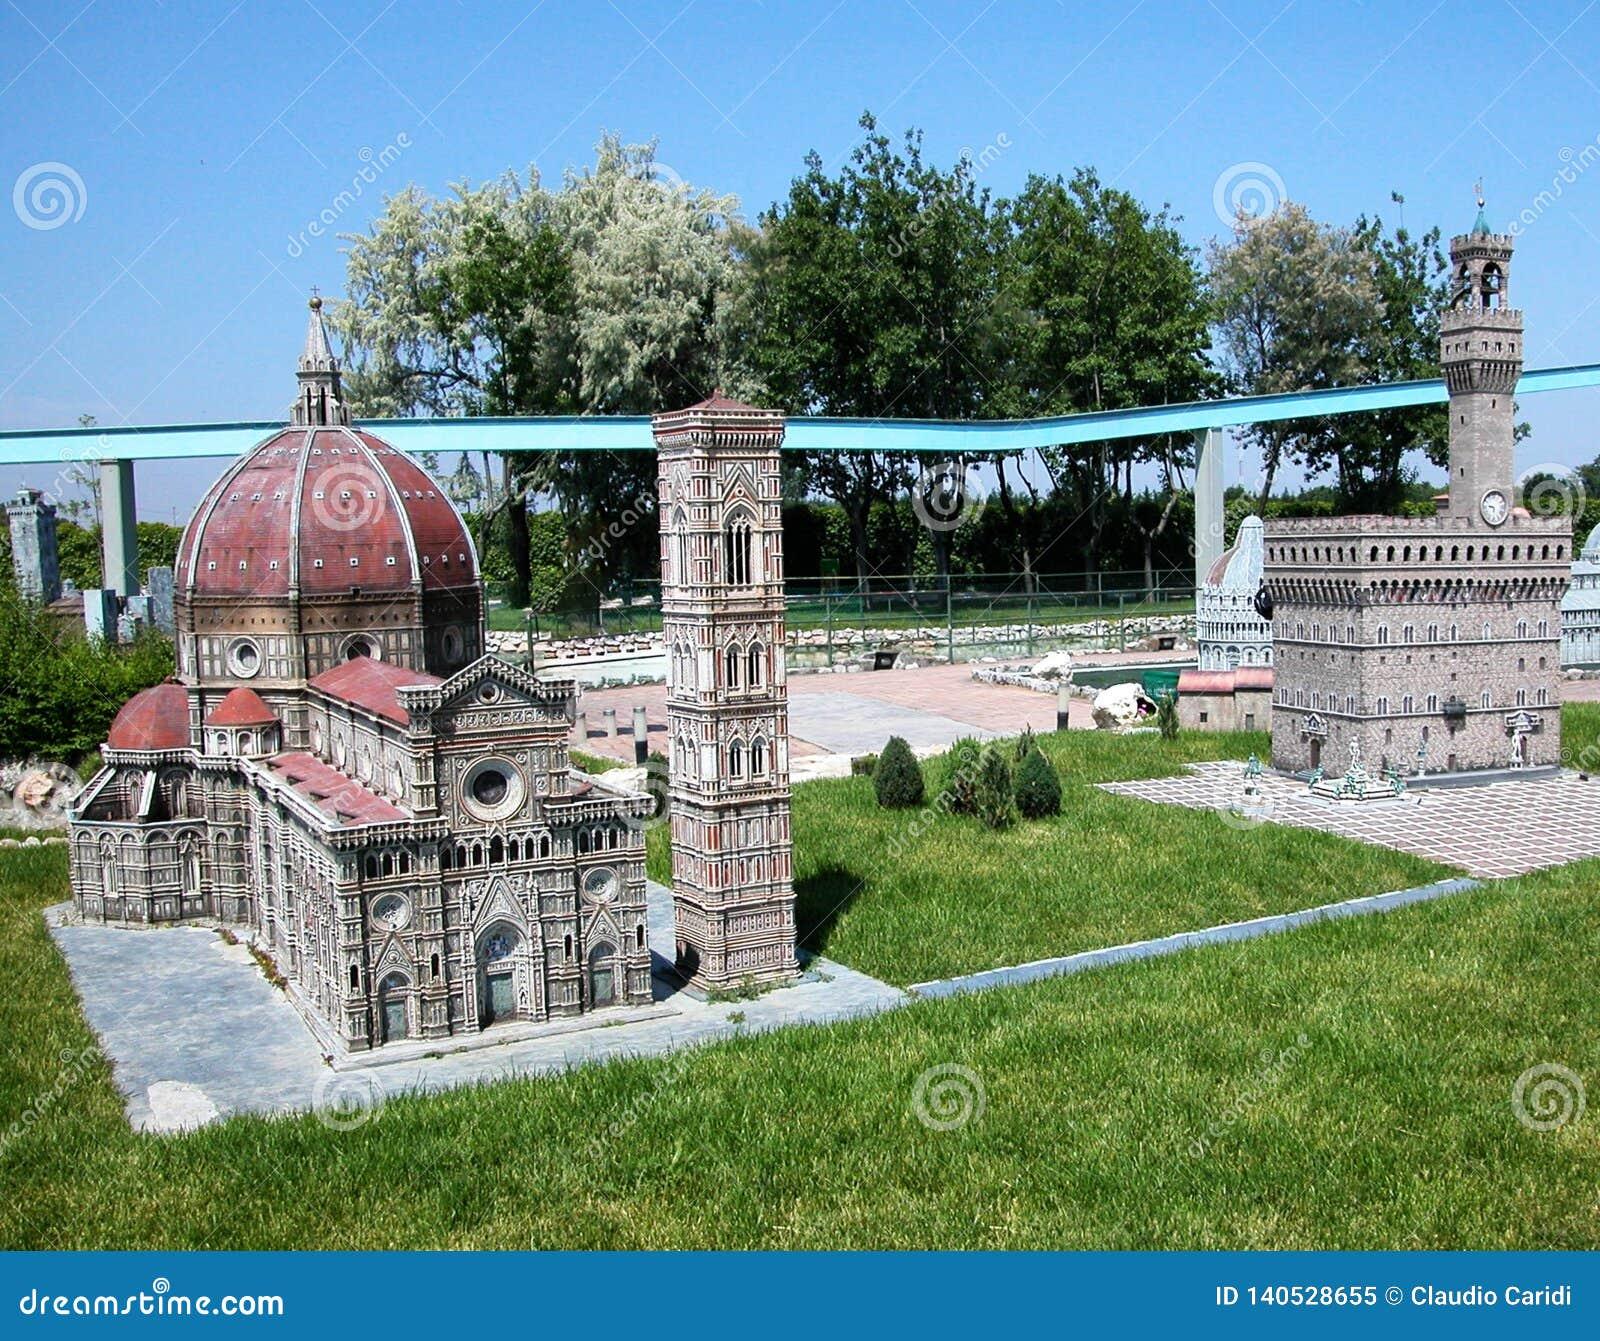 """Κύρια μνημεία της Φλωρεντίας στο θεματικό πάρκο """"Ιταλία στη μικροσκοπική """"Ιταλία στο miniatura Viserba, Rimini, Ιταλία"""